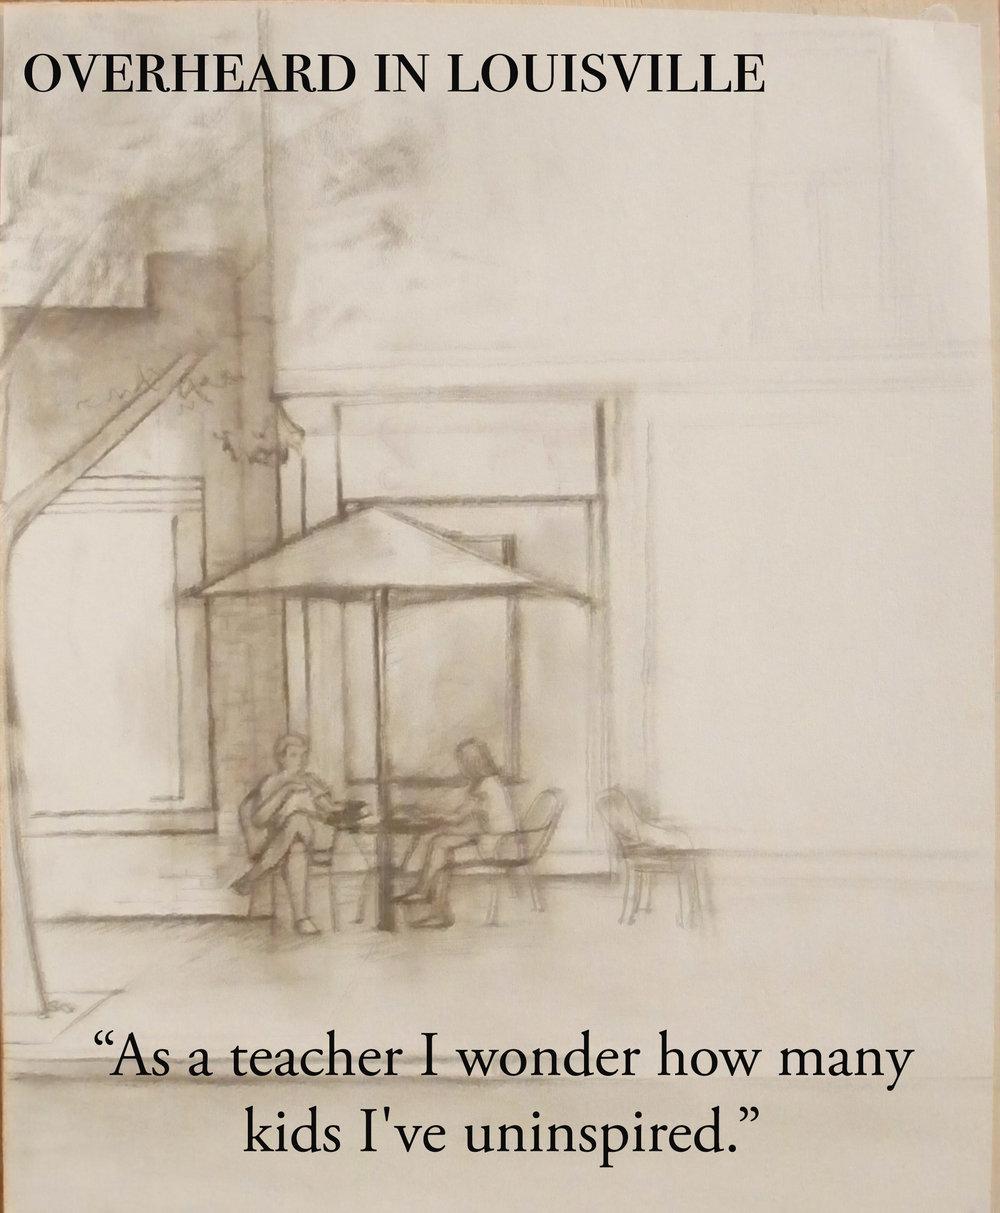 as a teacher I wonder how many kids I've uninspired